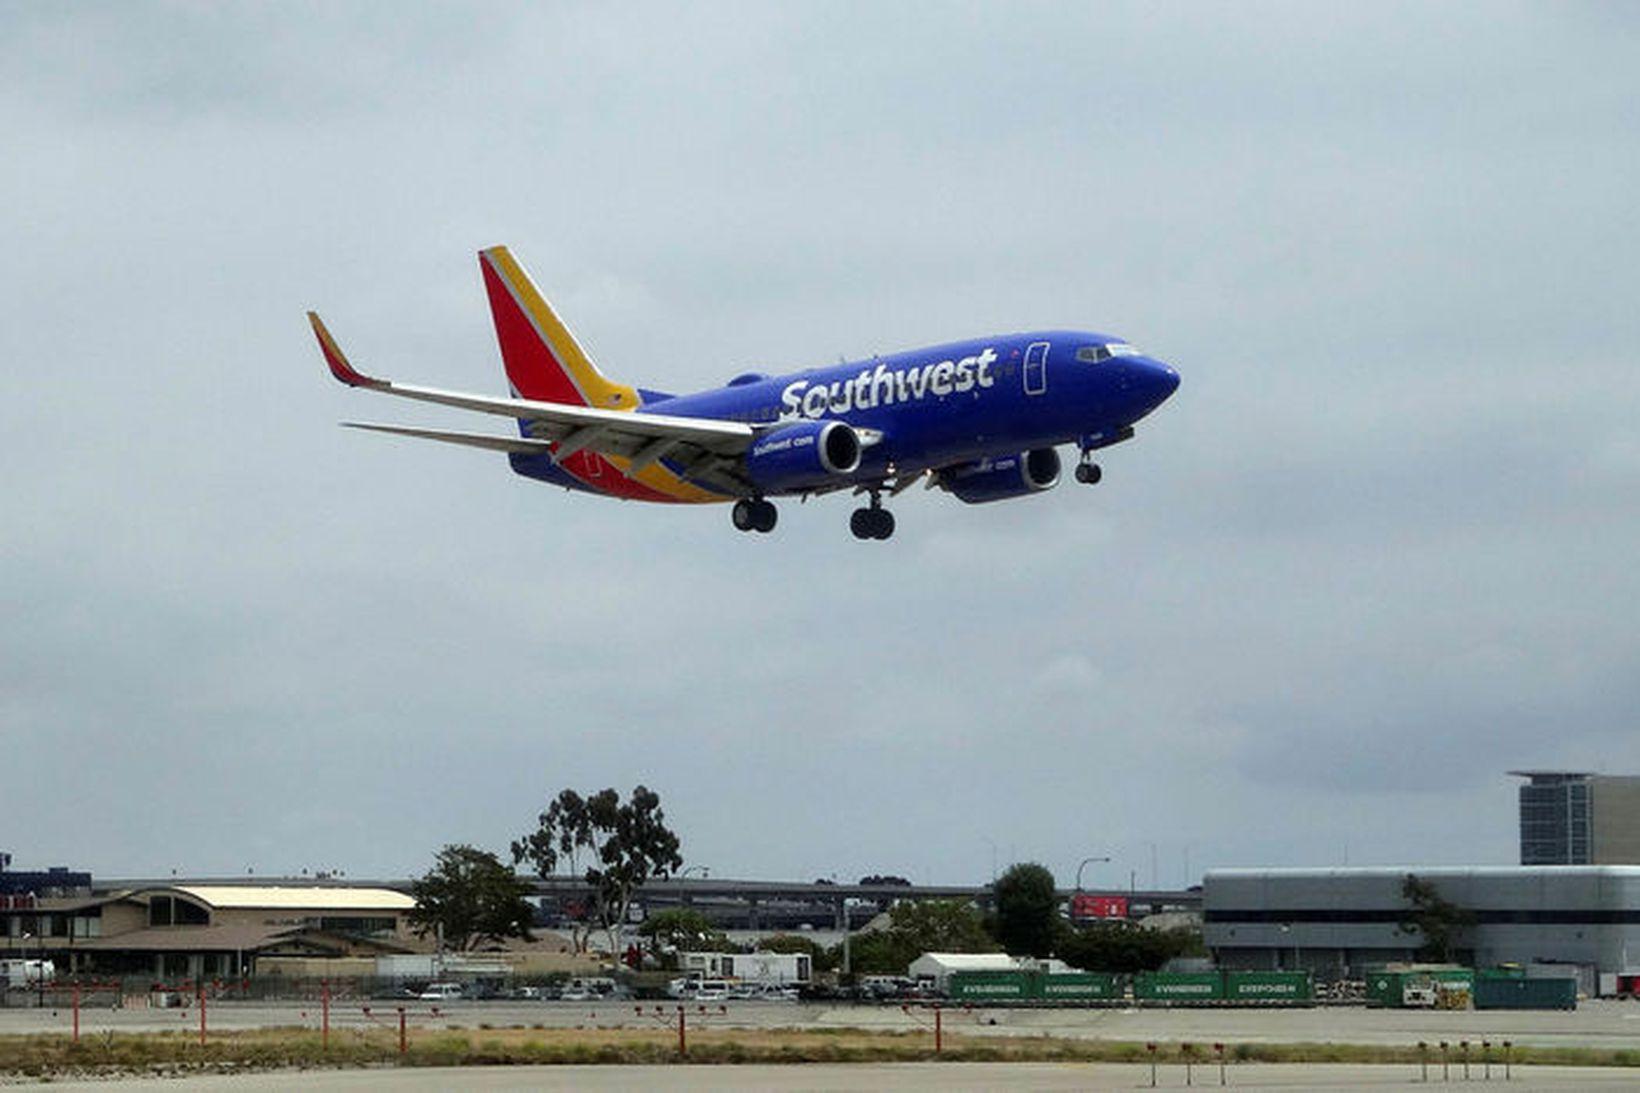 Flugvél frá Southwest Airlines.